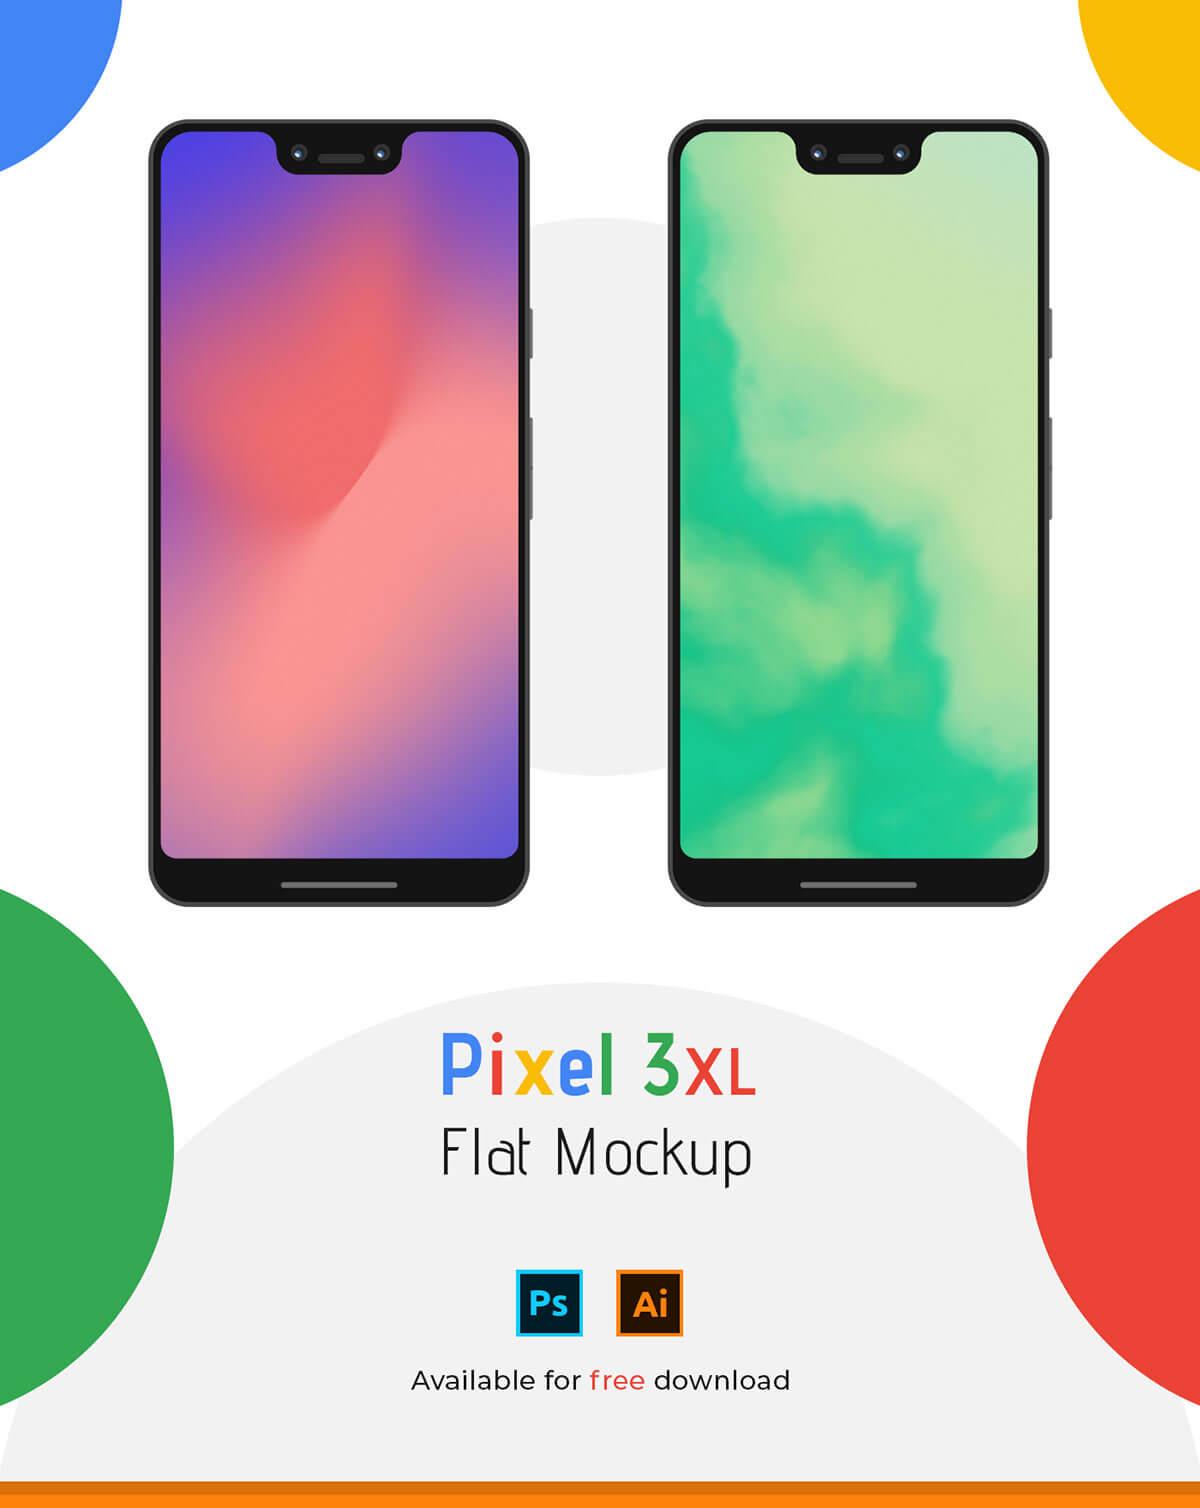 Free Pixel 3 XL Flat Mockup